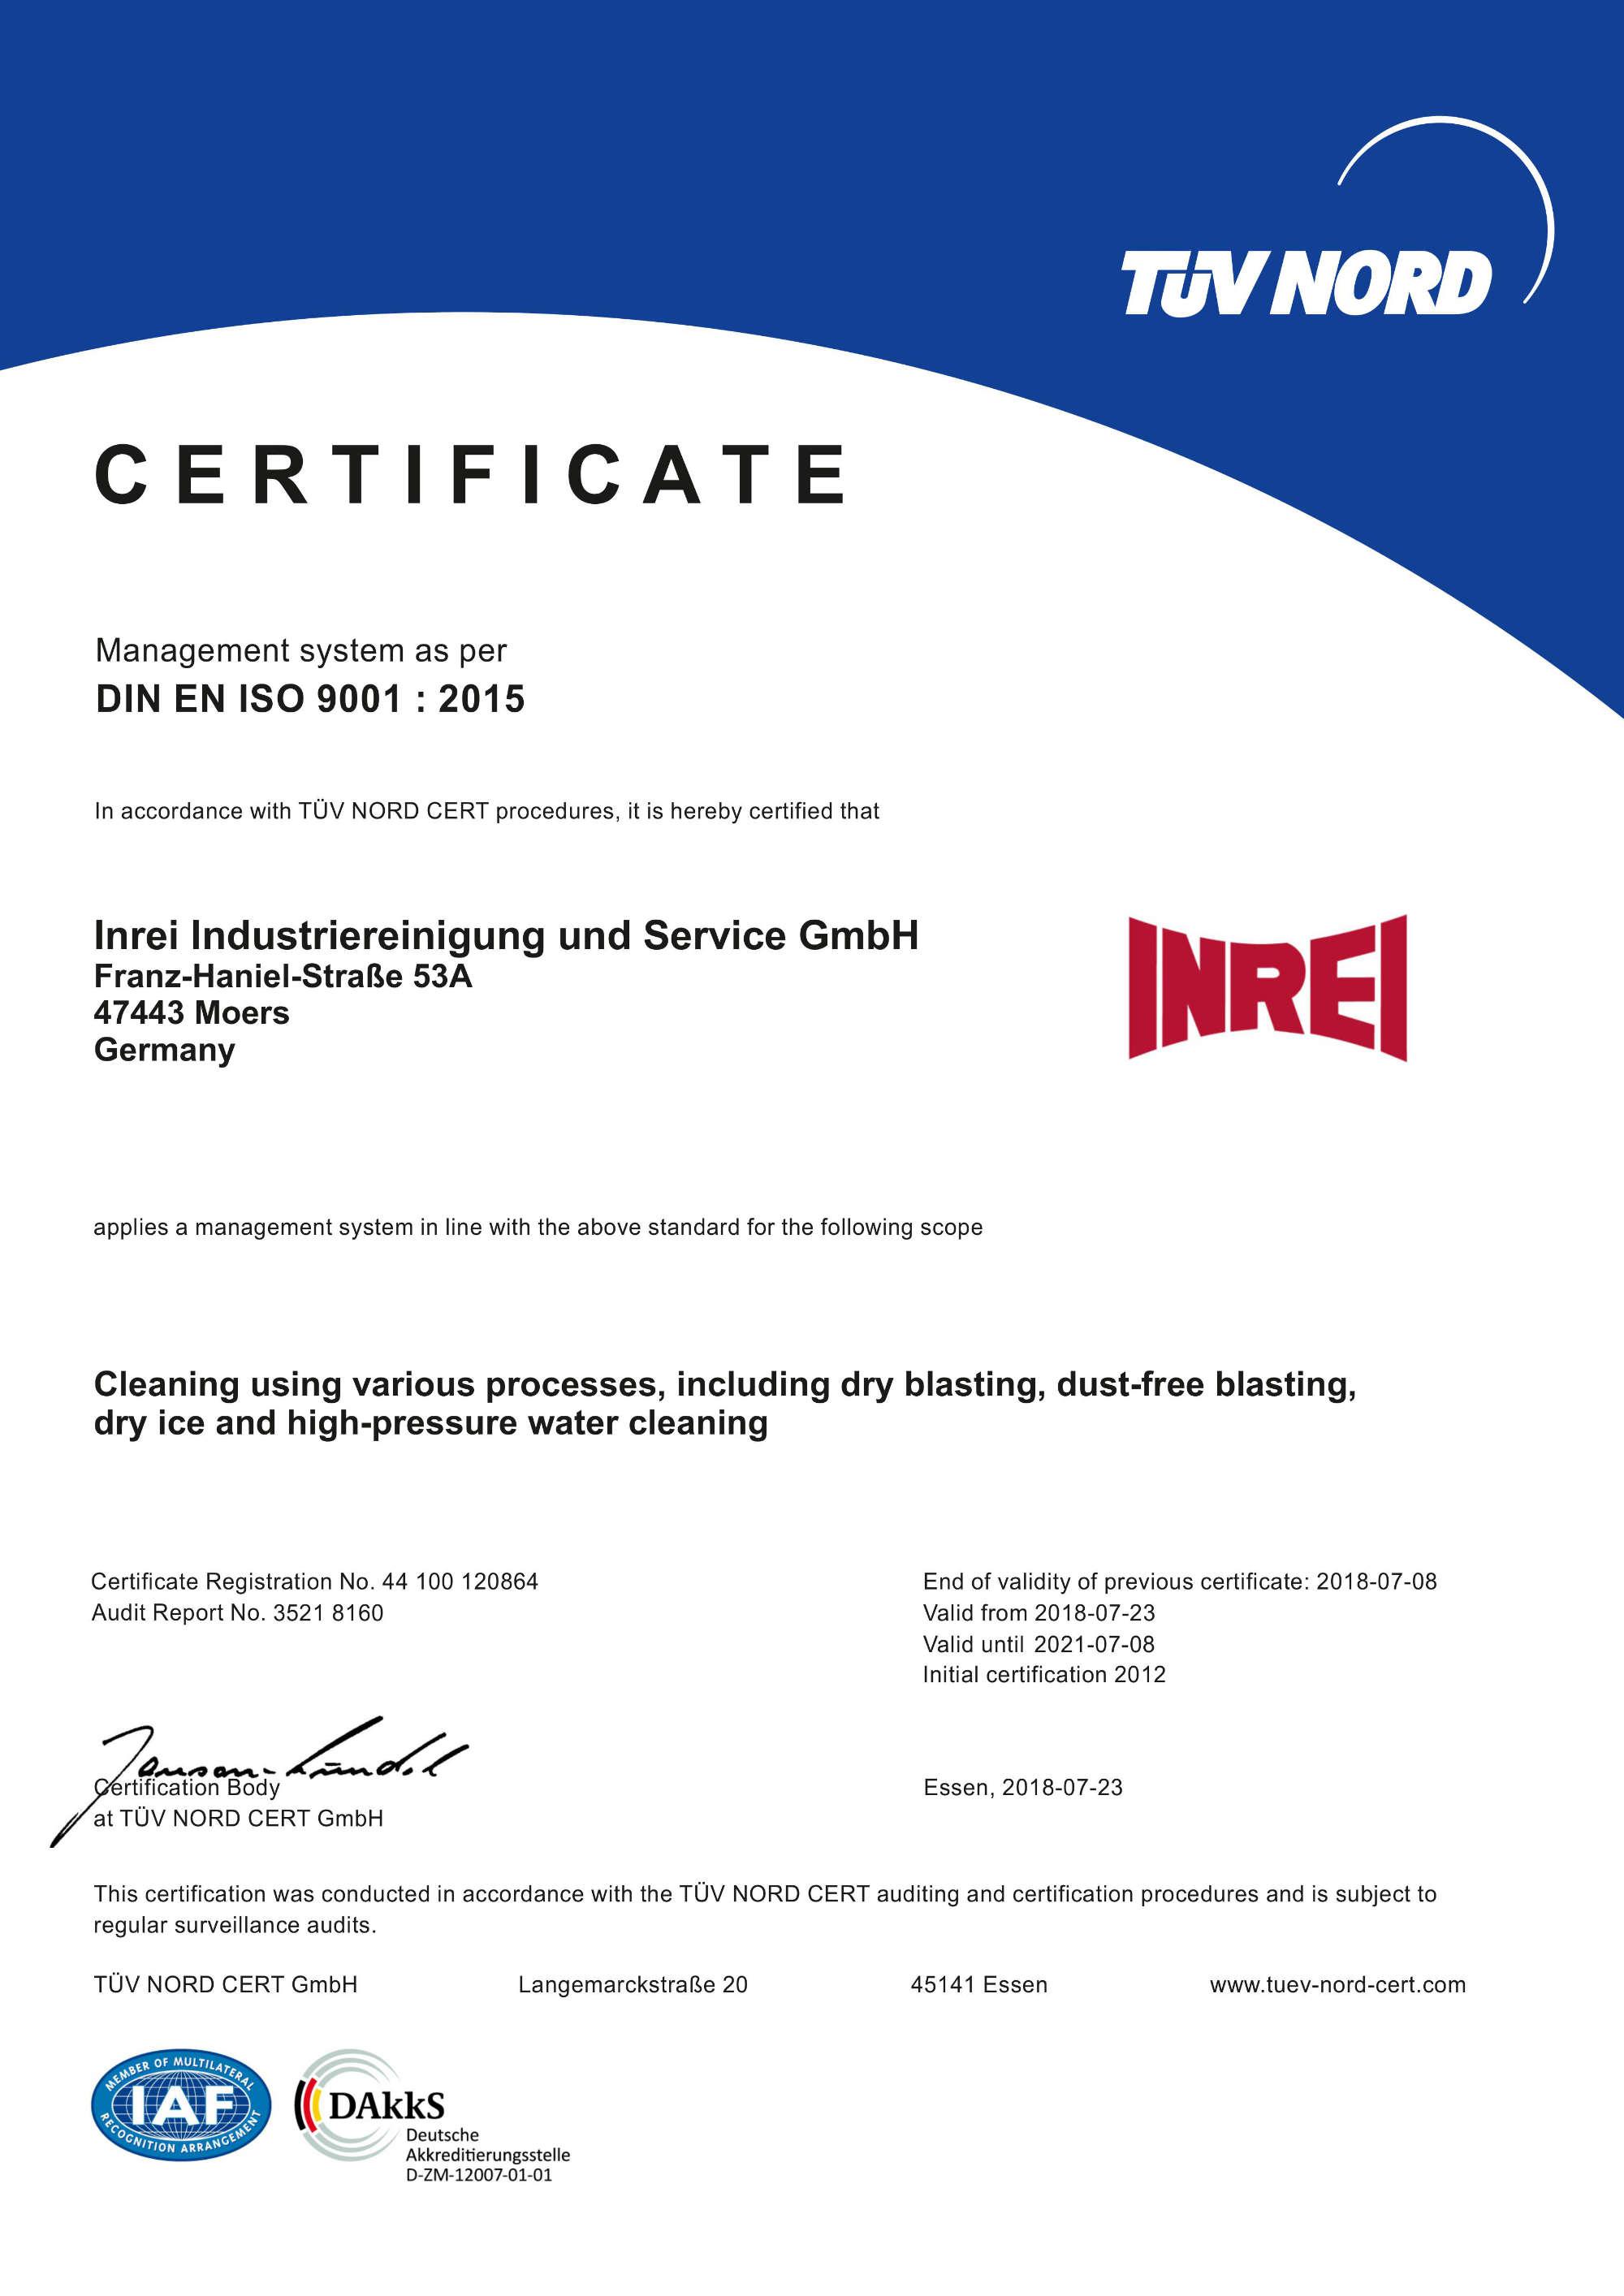 DIN EN ISO 9001 : 2015 Zertifikat